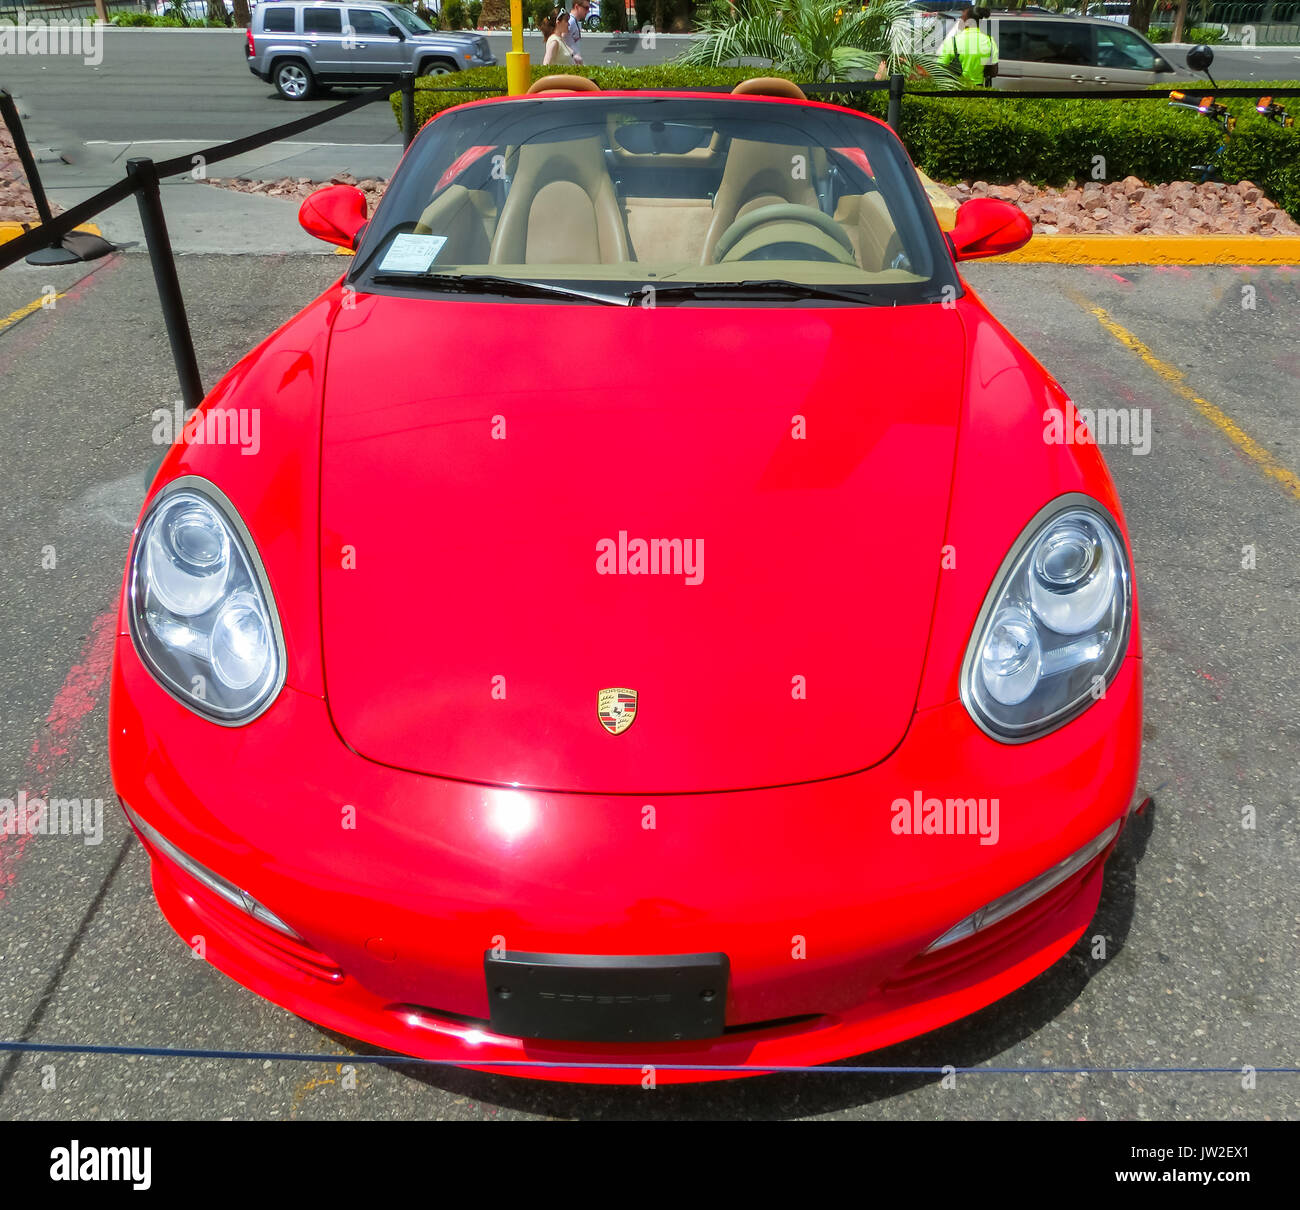 Hertz Rent A Car Stock Photos & Hertz Rent A Car Stock